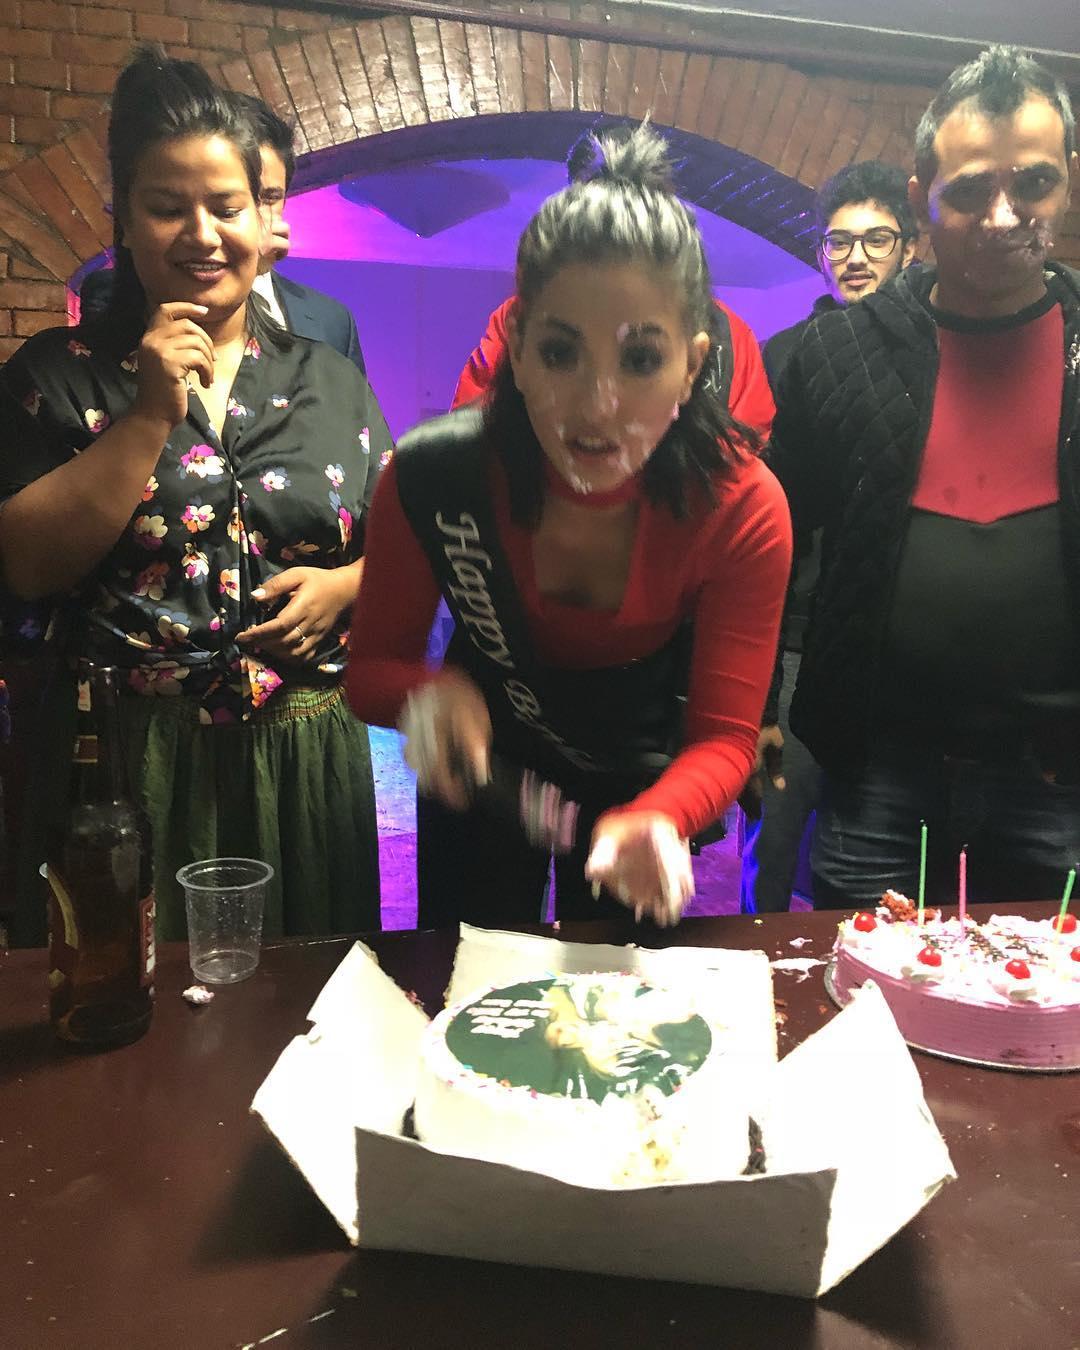 Samragyee RL Shah 23rd Birthday Celebration With Her New Boyfriend, Devanksh Rana